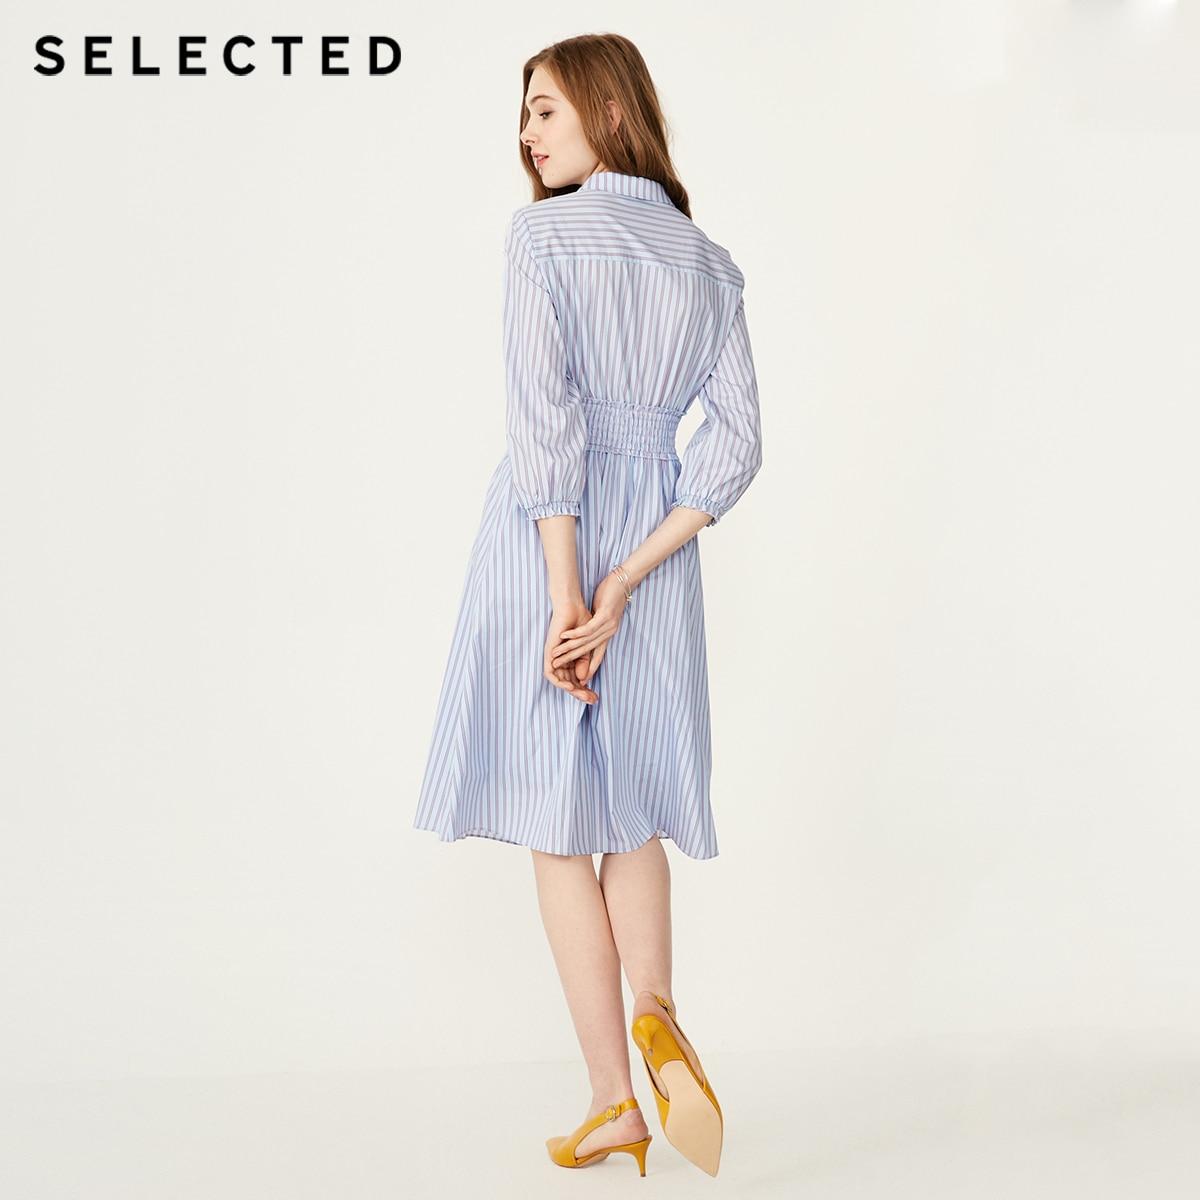 AUSGEWÄHLT Sommer Leichte Stretch Striped Cut out Kleid S  41922J533-in Kleider aus Damenbekleidung bei  Gruppe 3